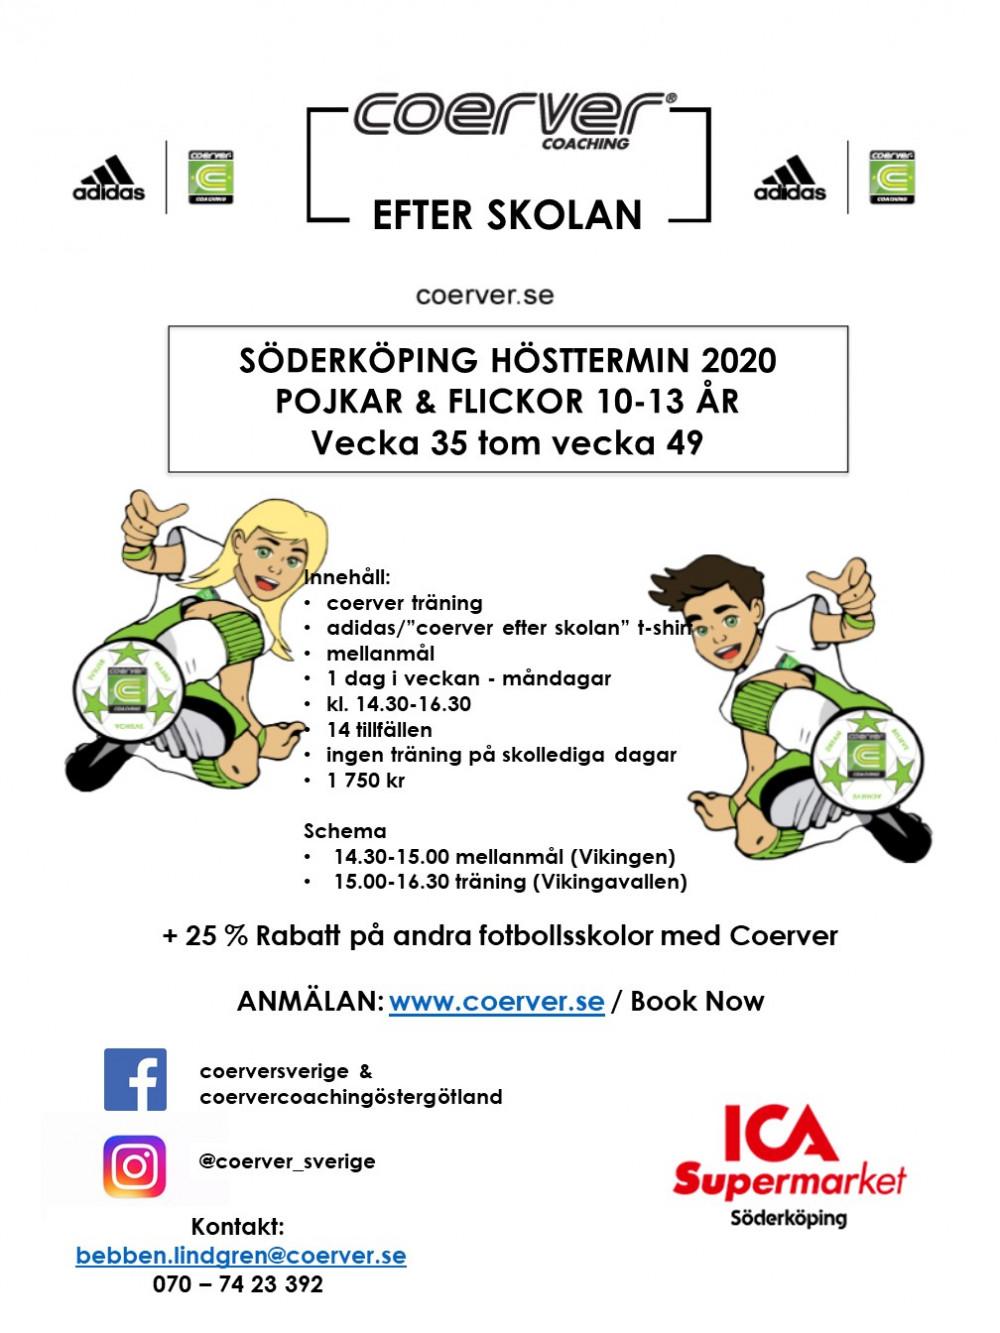 Coerver Efter Skolan Söderköping Höst 2020